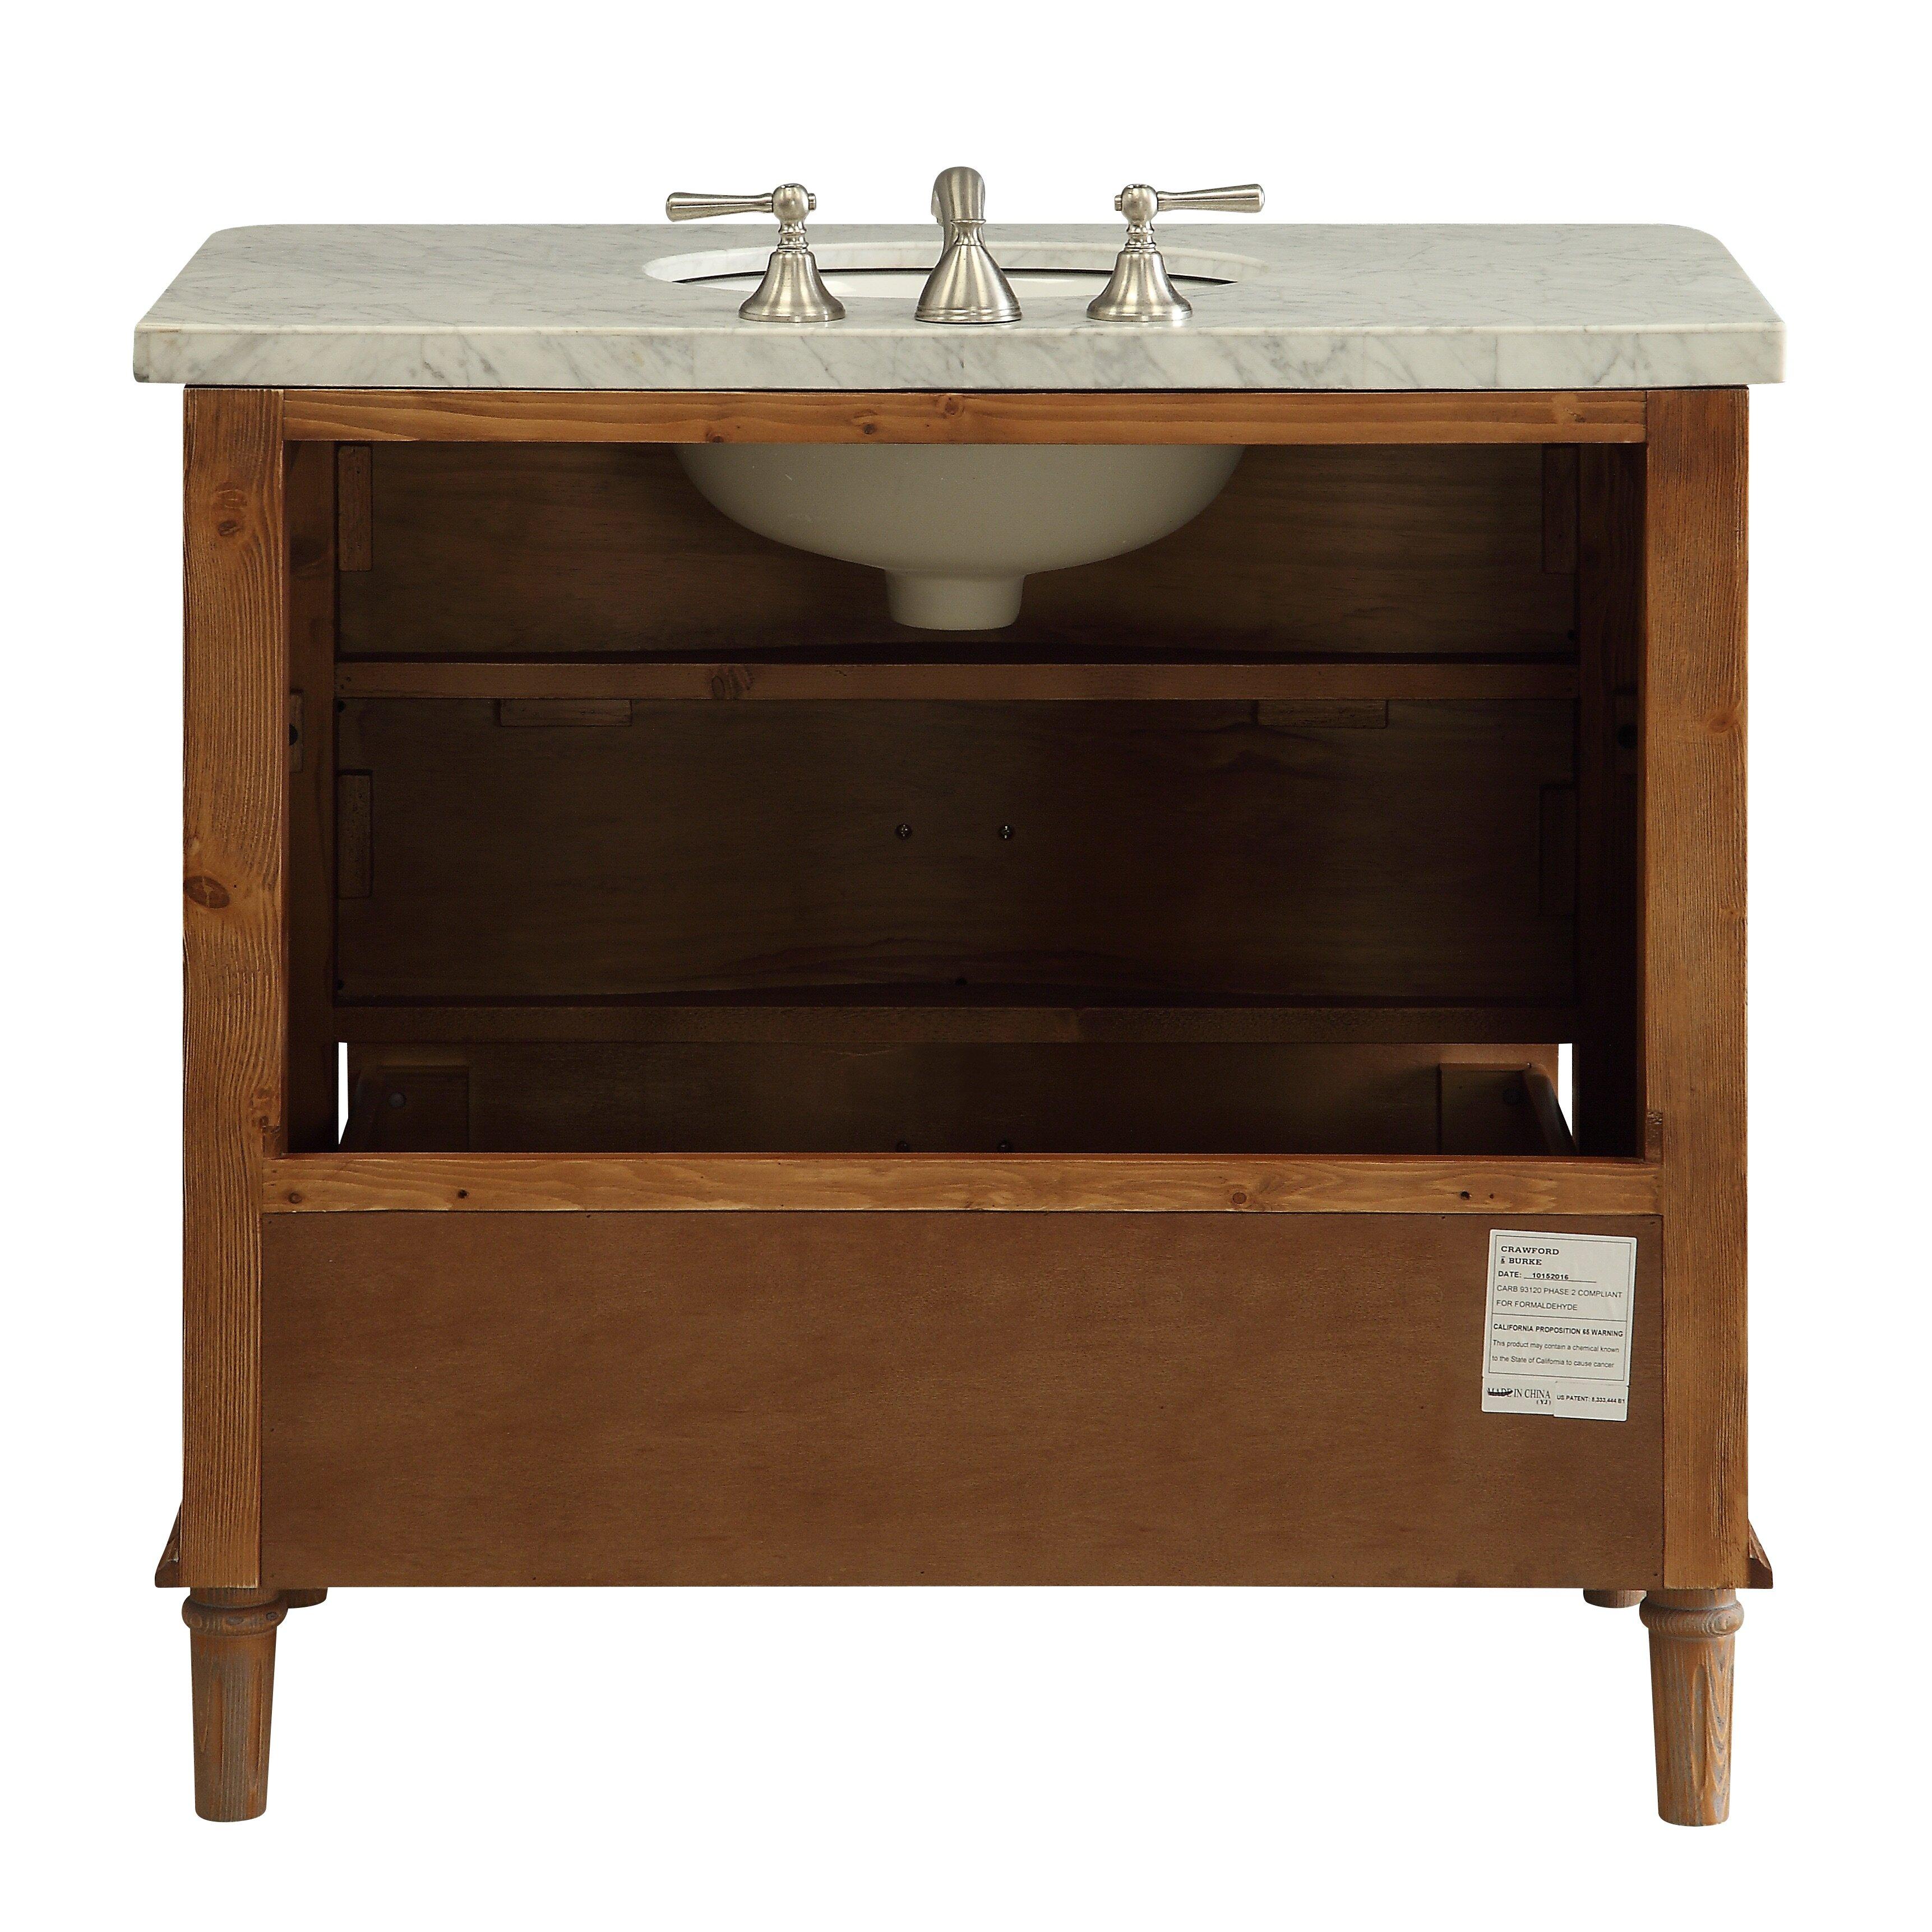 Loon Peak Vanna 36 Bathroom Vanity Set with Mirror Reviews – Bathroom Vanity and Mirror Set